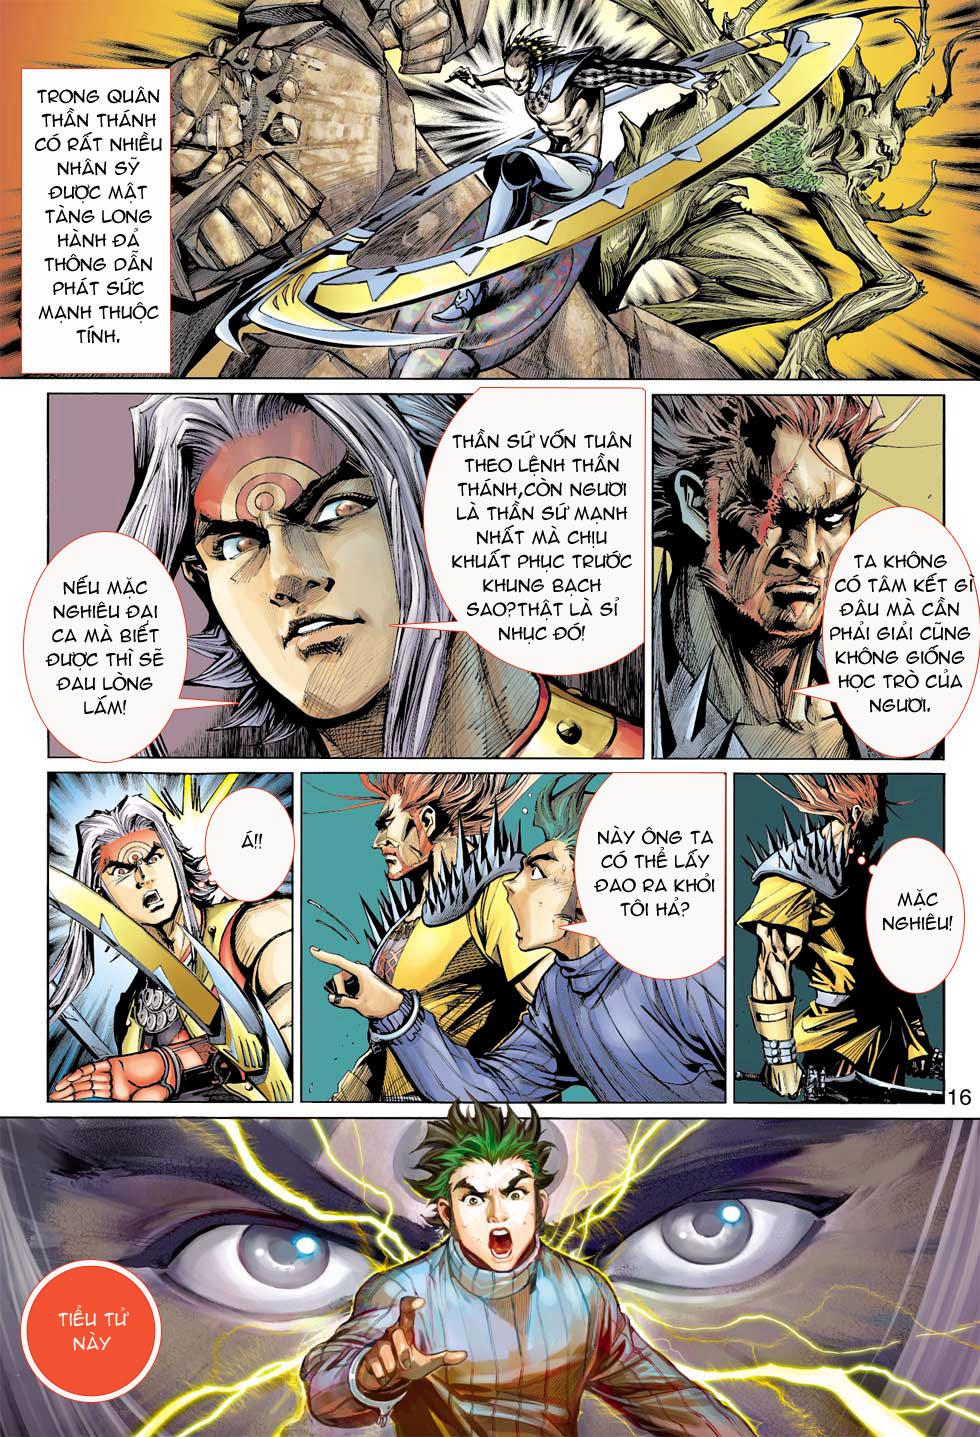 Thần Binh 4 chap 8 - Trang 16